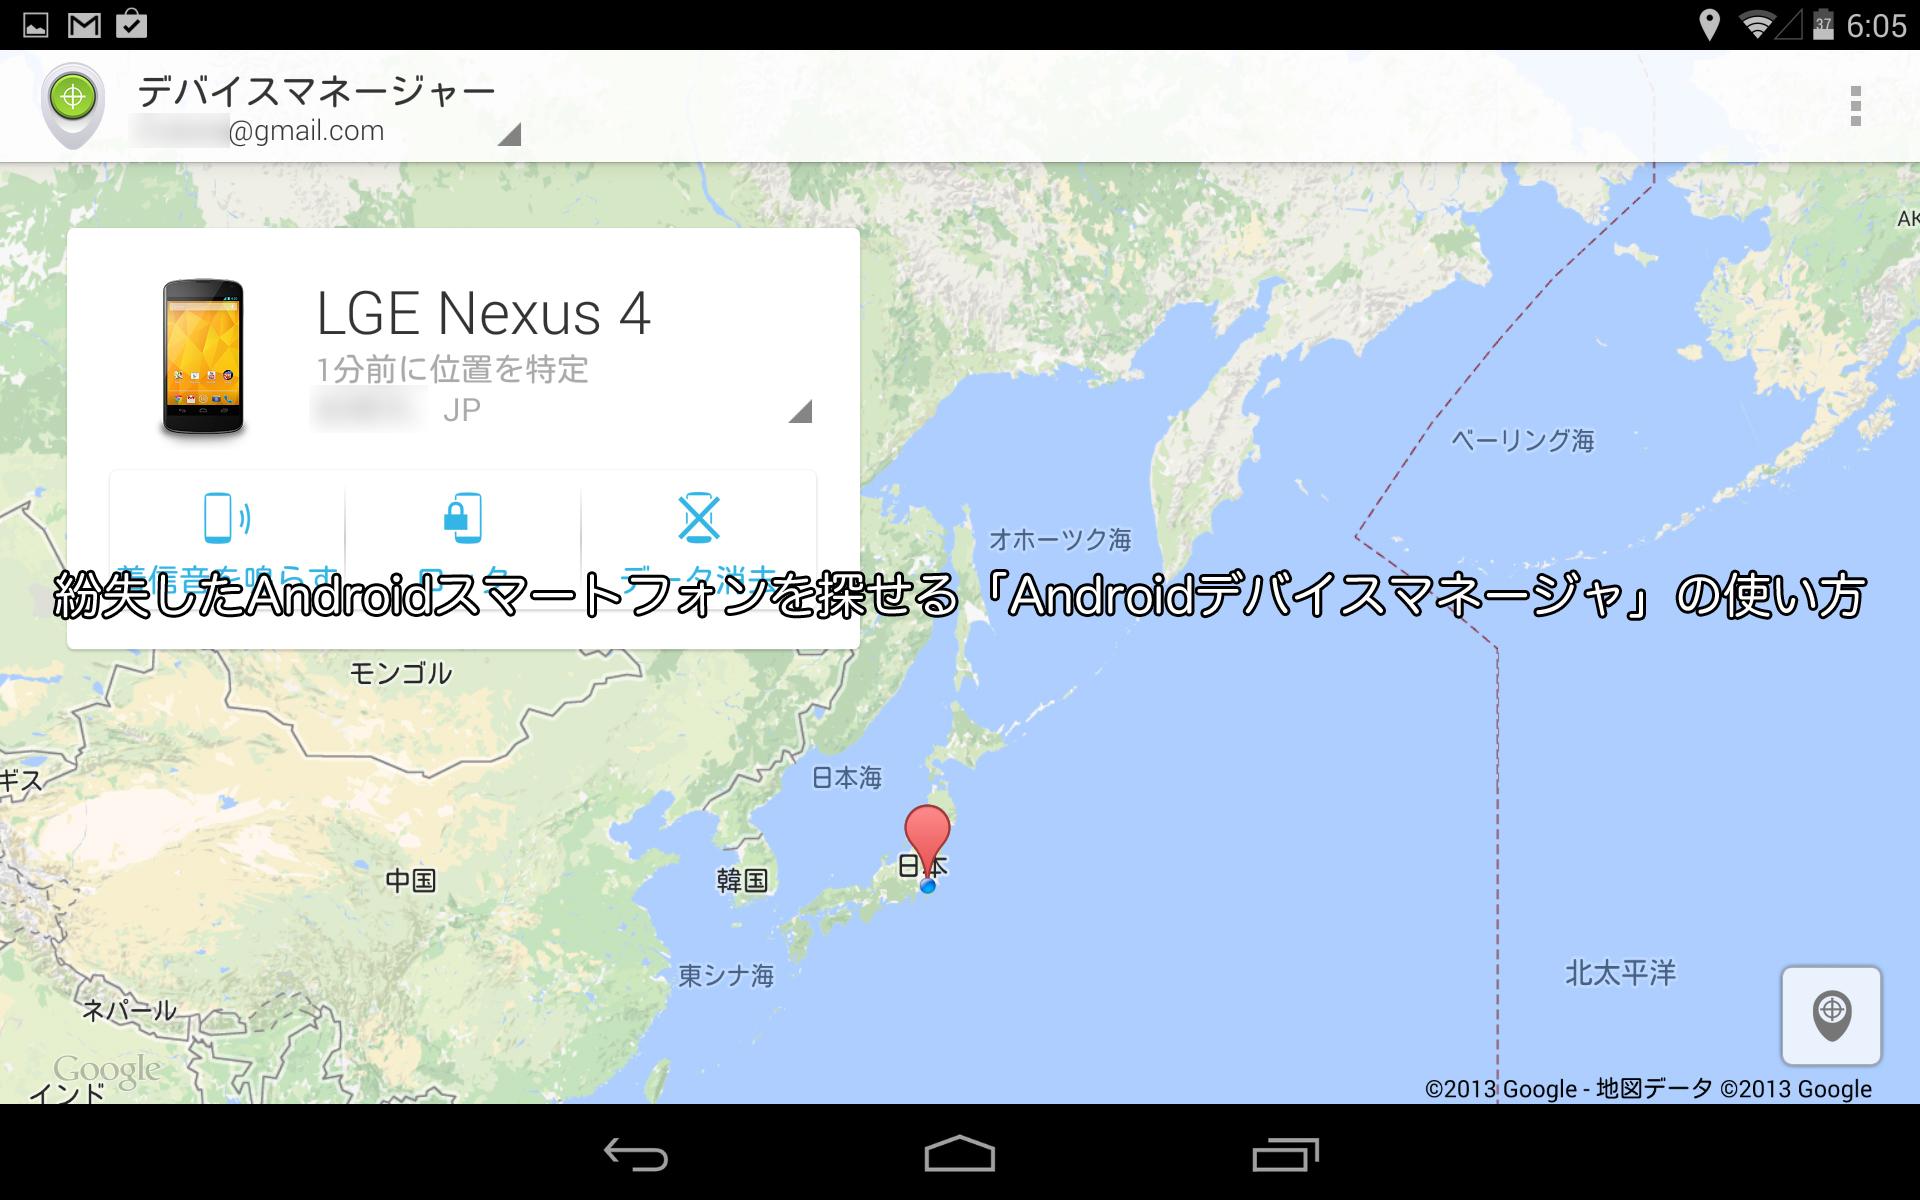 紛失したAndroidスマートフォンを探せる「Androidデバイスマネージャ」の使い方